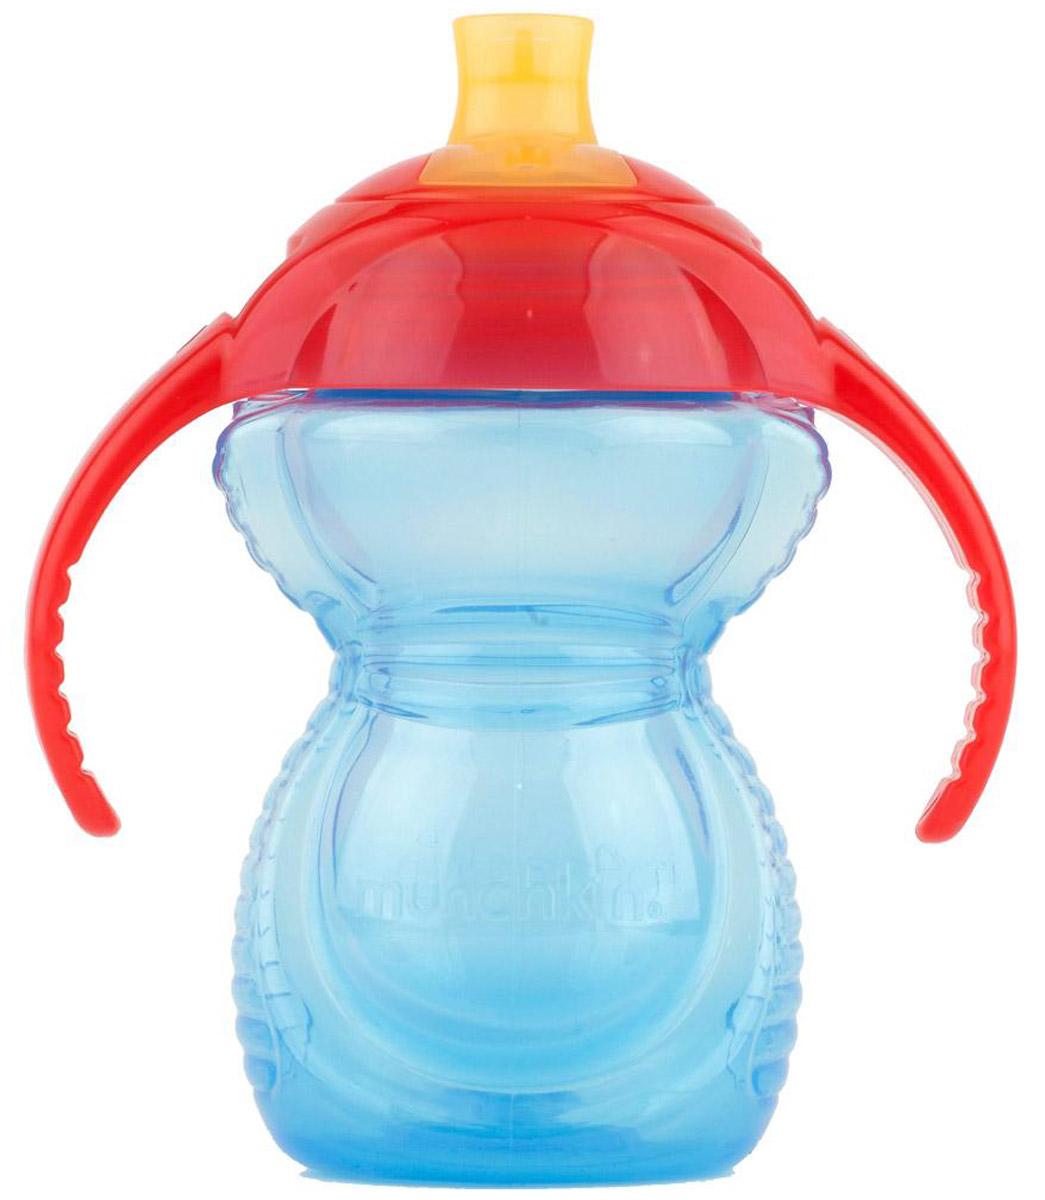 Munchkin Чашка-поильник Click Lock от 6 месяцев цвет голубой красный 237 мл11364_голубой/красныйЧашка-поильник Munchkin Click Lock выполнена из безопасного полупрозрачного материала. Жидкость из поильников не выливается и не протекает. Click Lock обеспечивает герметичное закрывание крышки. Поильник-чашка имеет силиконовый носик с отверстием. Гигиеничность обеспечивает плотный прозрачный колпачок. Благодаря эргономичному дизайну и нескользящим ручкам крохе будет удобно держать поильник. Широкое горлышко позволит легко наполнить и очистить внутреннюю часть поильника. Чашку-поильник Munchkin Click Lock удобно брать с собой на прогулку или в дорогу. Не содержит бисфенол-А. Можно мыть в посудомоечной машине на верхней полке.